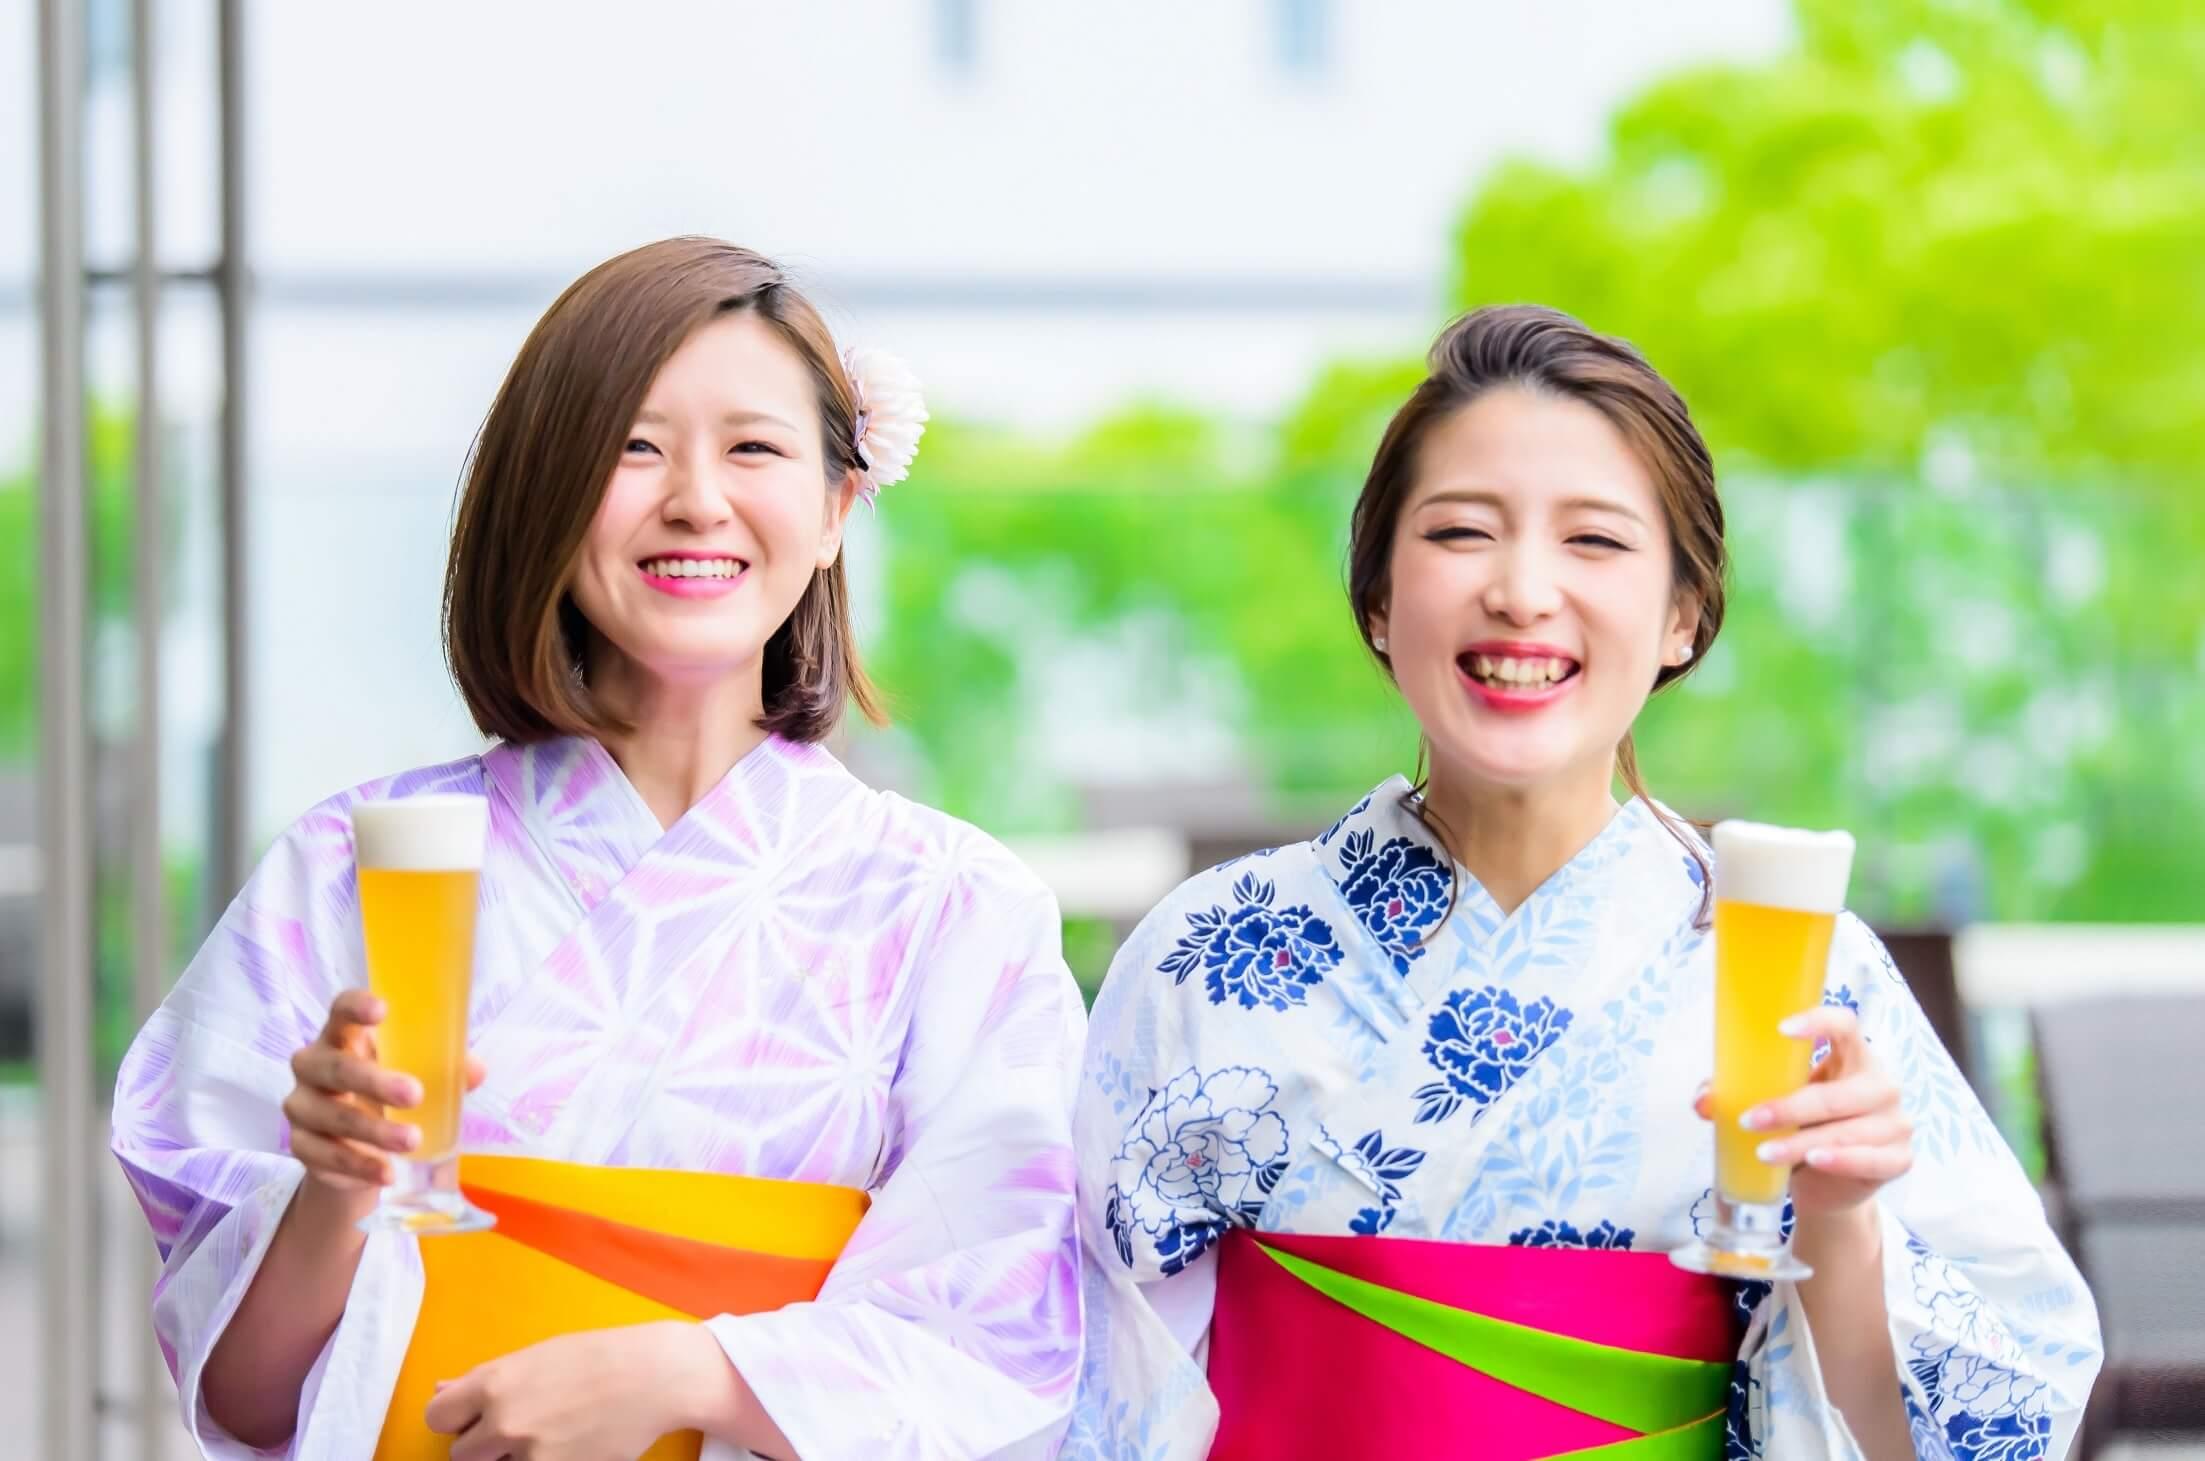 可以自己選擇浴衣+露天酒吧!在橫濱海洋塔享受夏天吧 和服、酒吧、